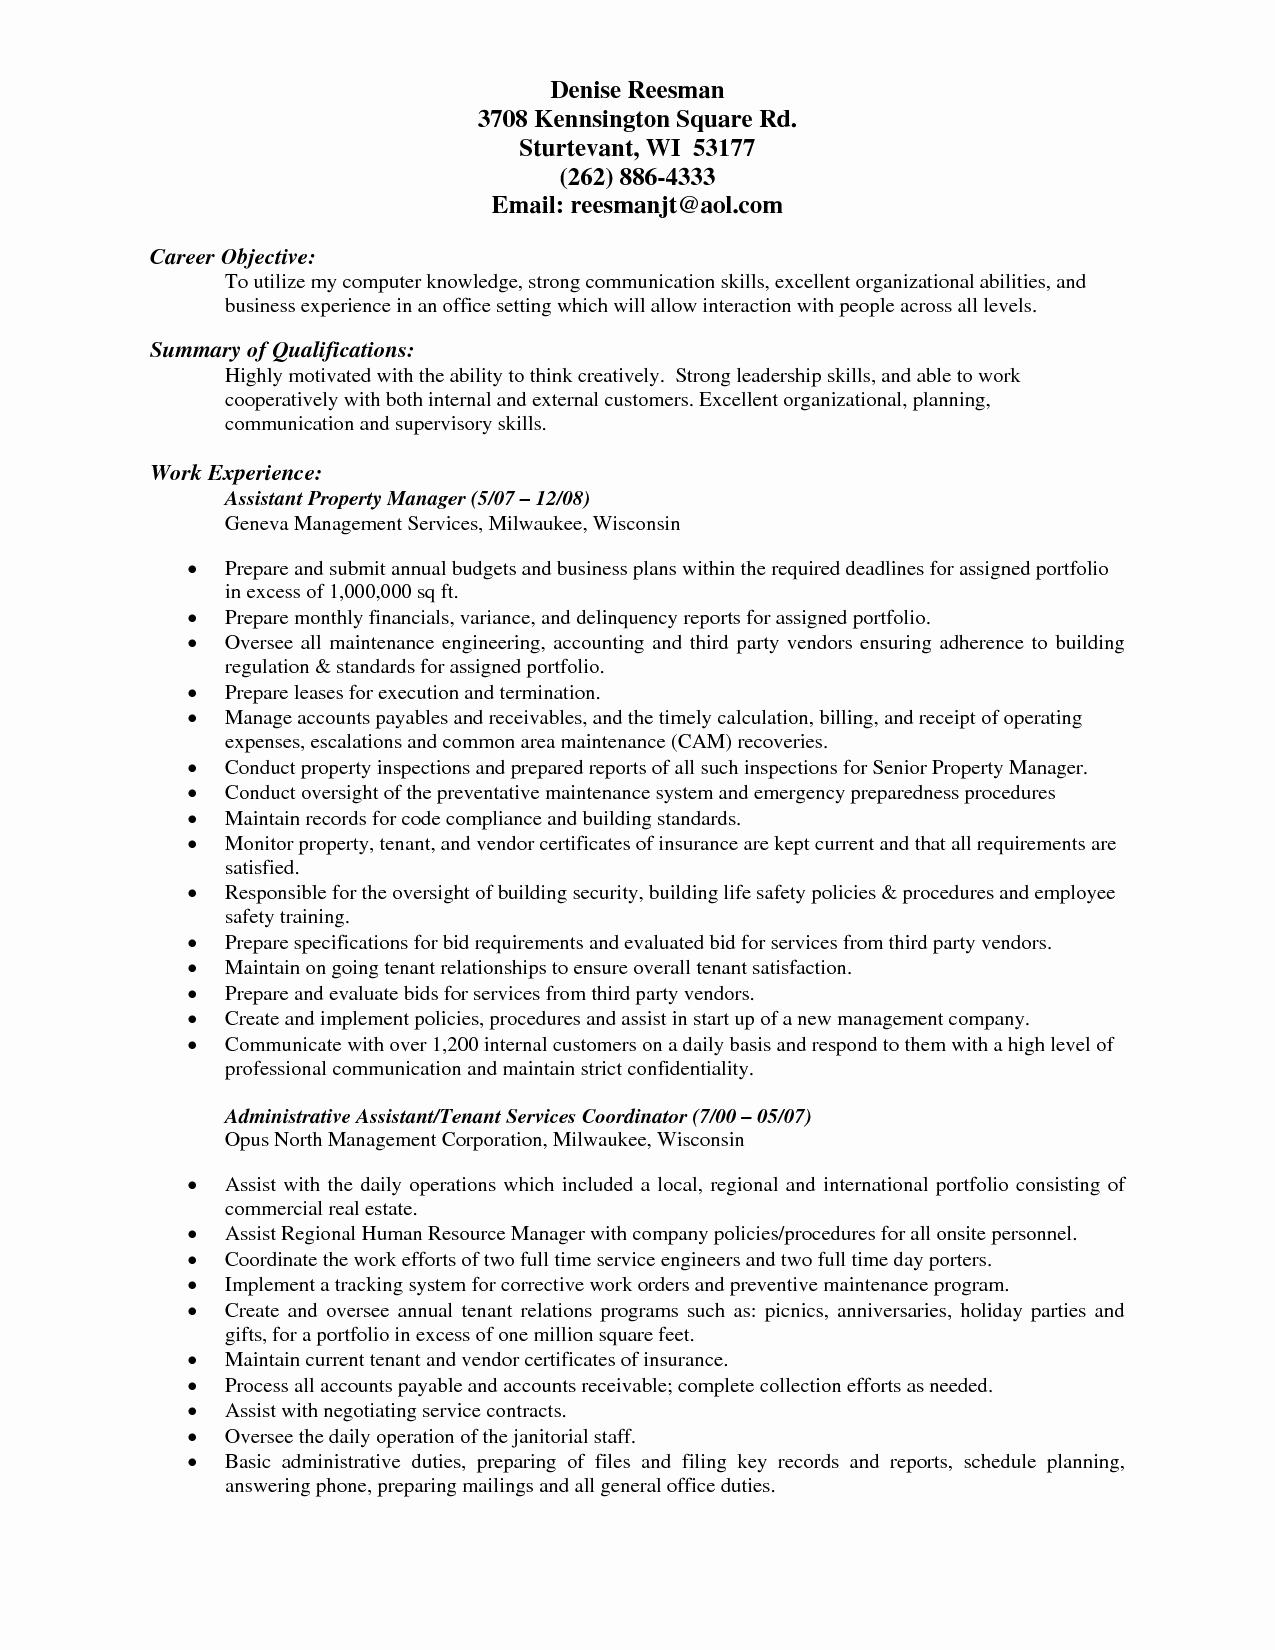 Assistant Property Manager Job Descriptions Elegant assistant Property Manager Resume